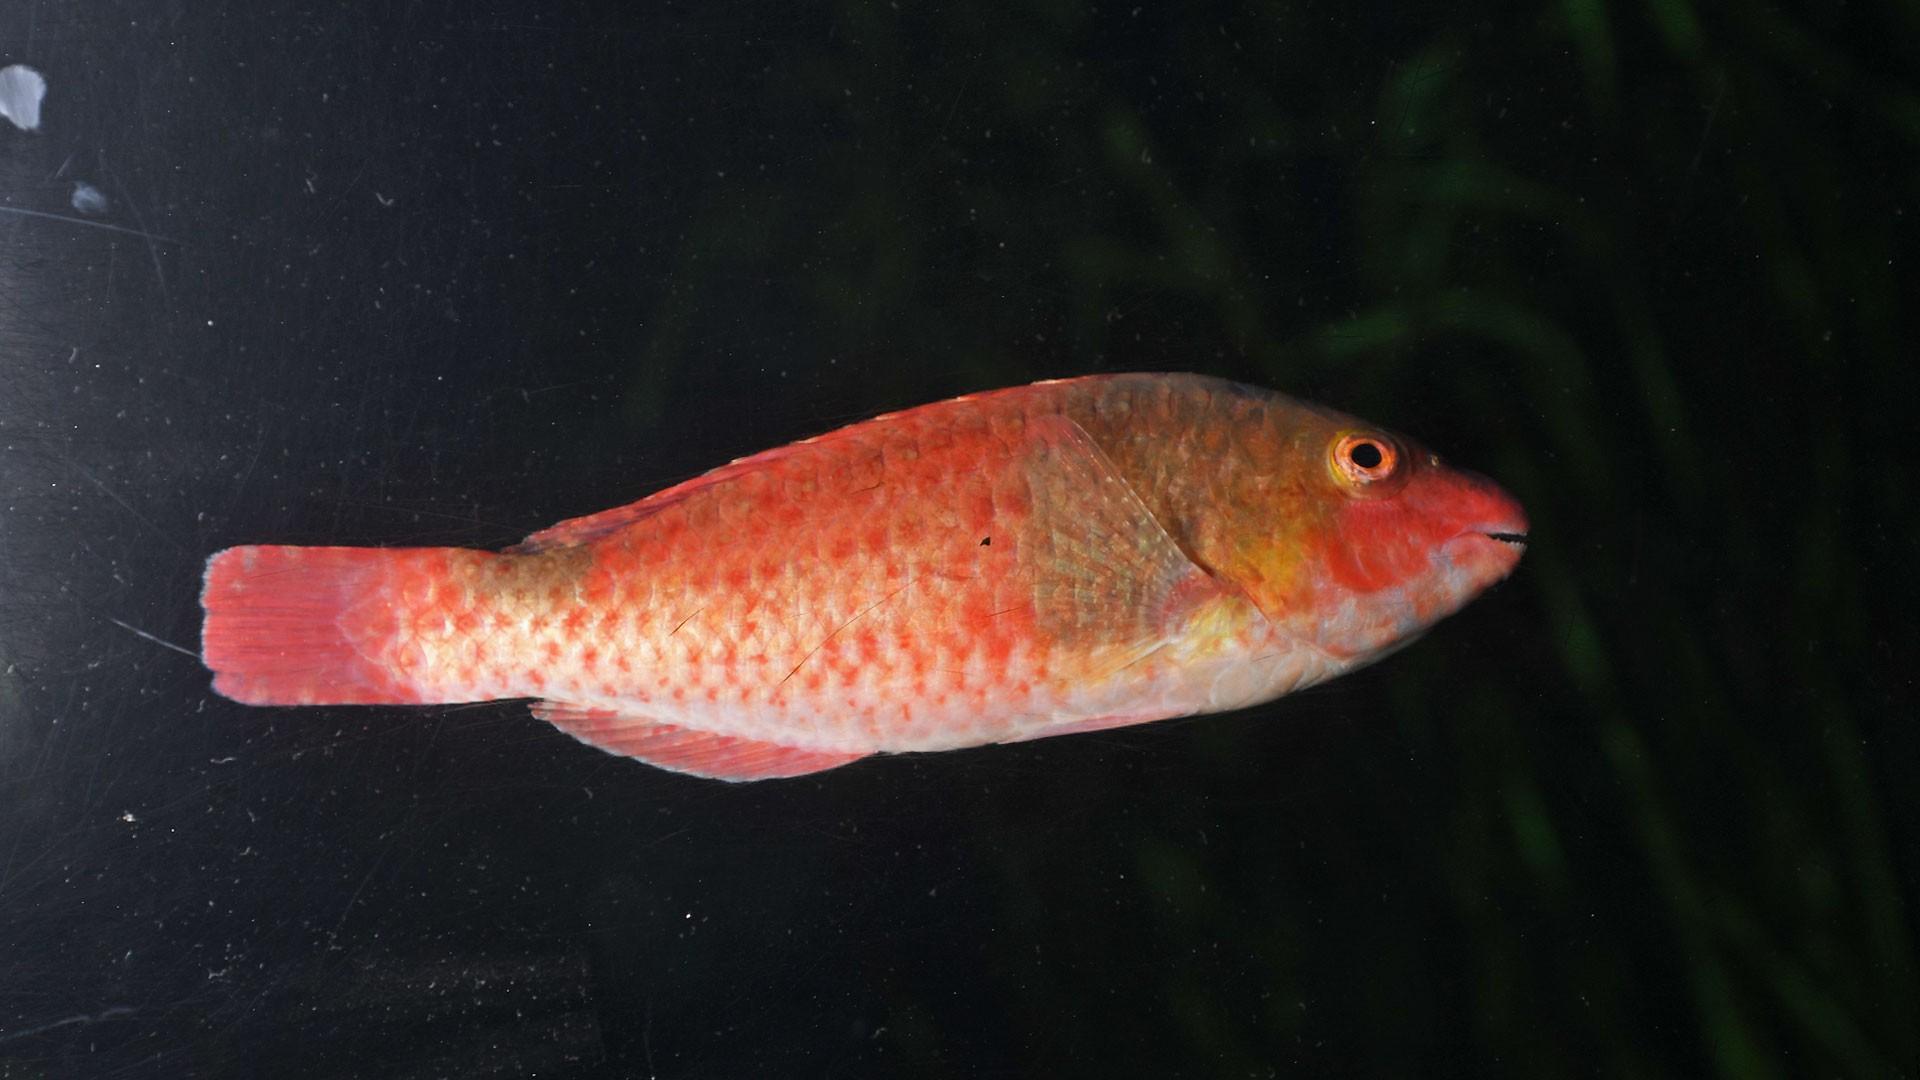 Vieja fish